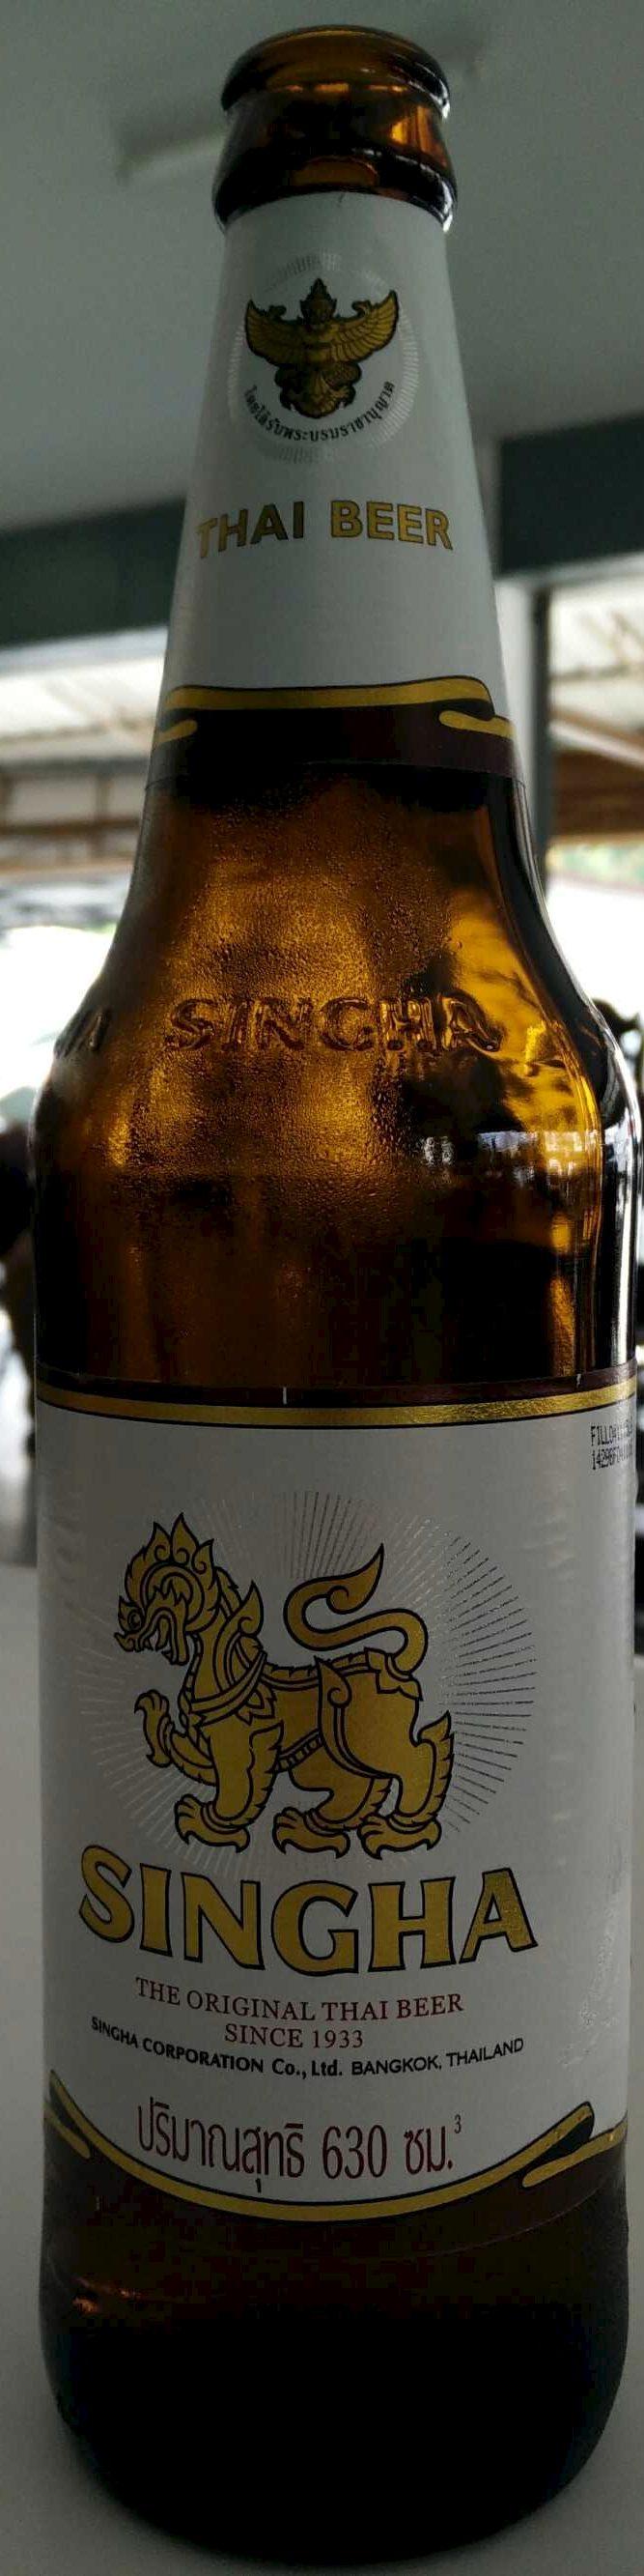 เบียร์สิงห์ - Produit